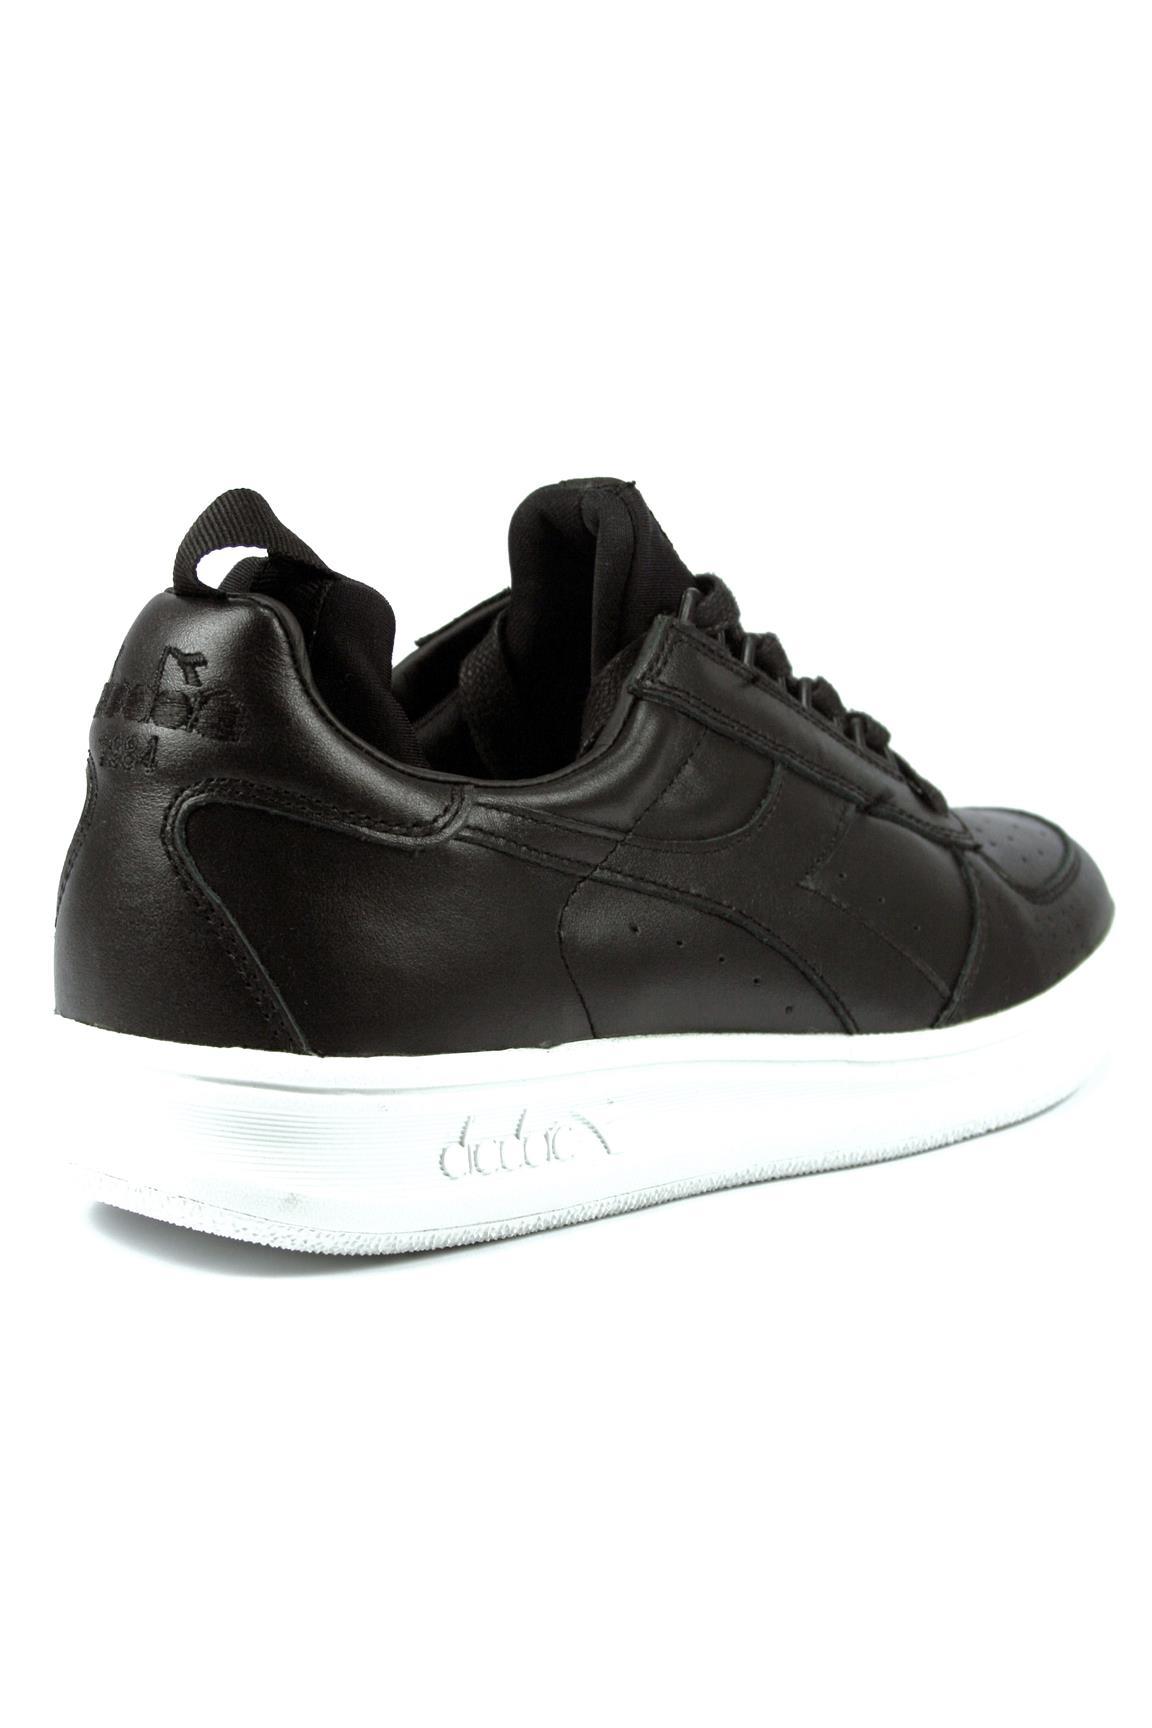 Diadora Heritage B Elite Socks Sneakers Scarpa Uomo in Pelle Nera